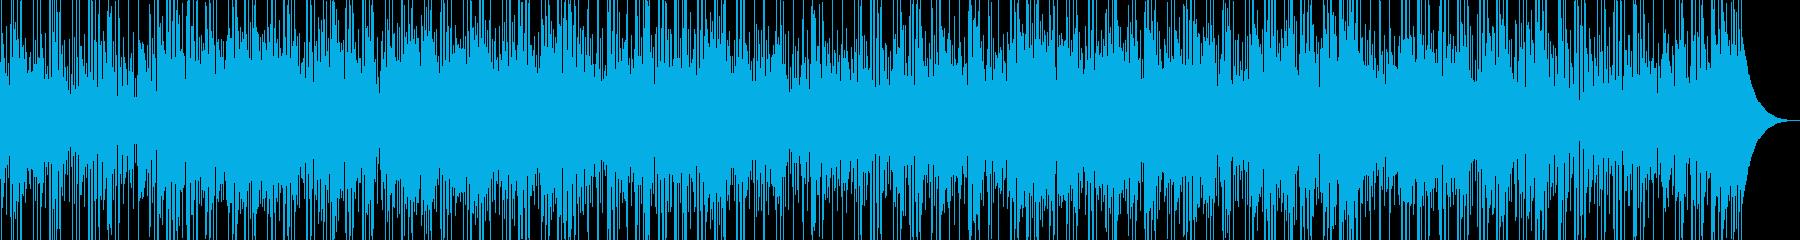 秋の月夜を彩る幻想的なクールジャズの再生済みの波形